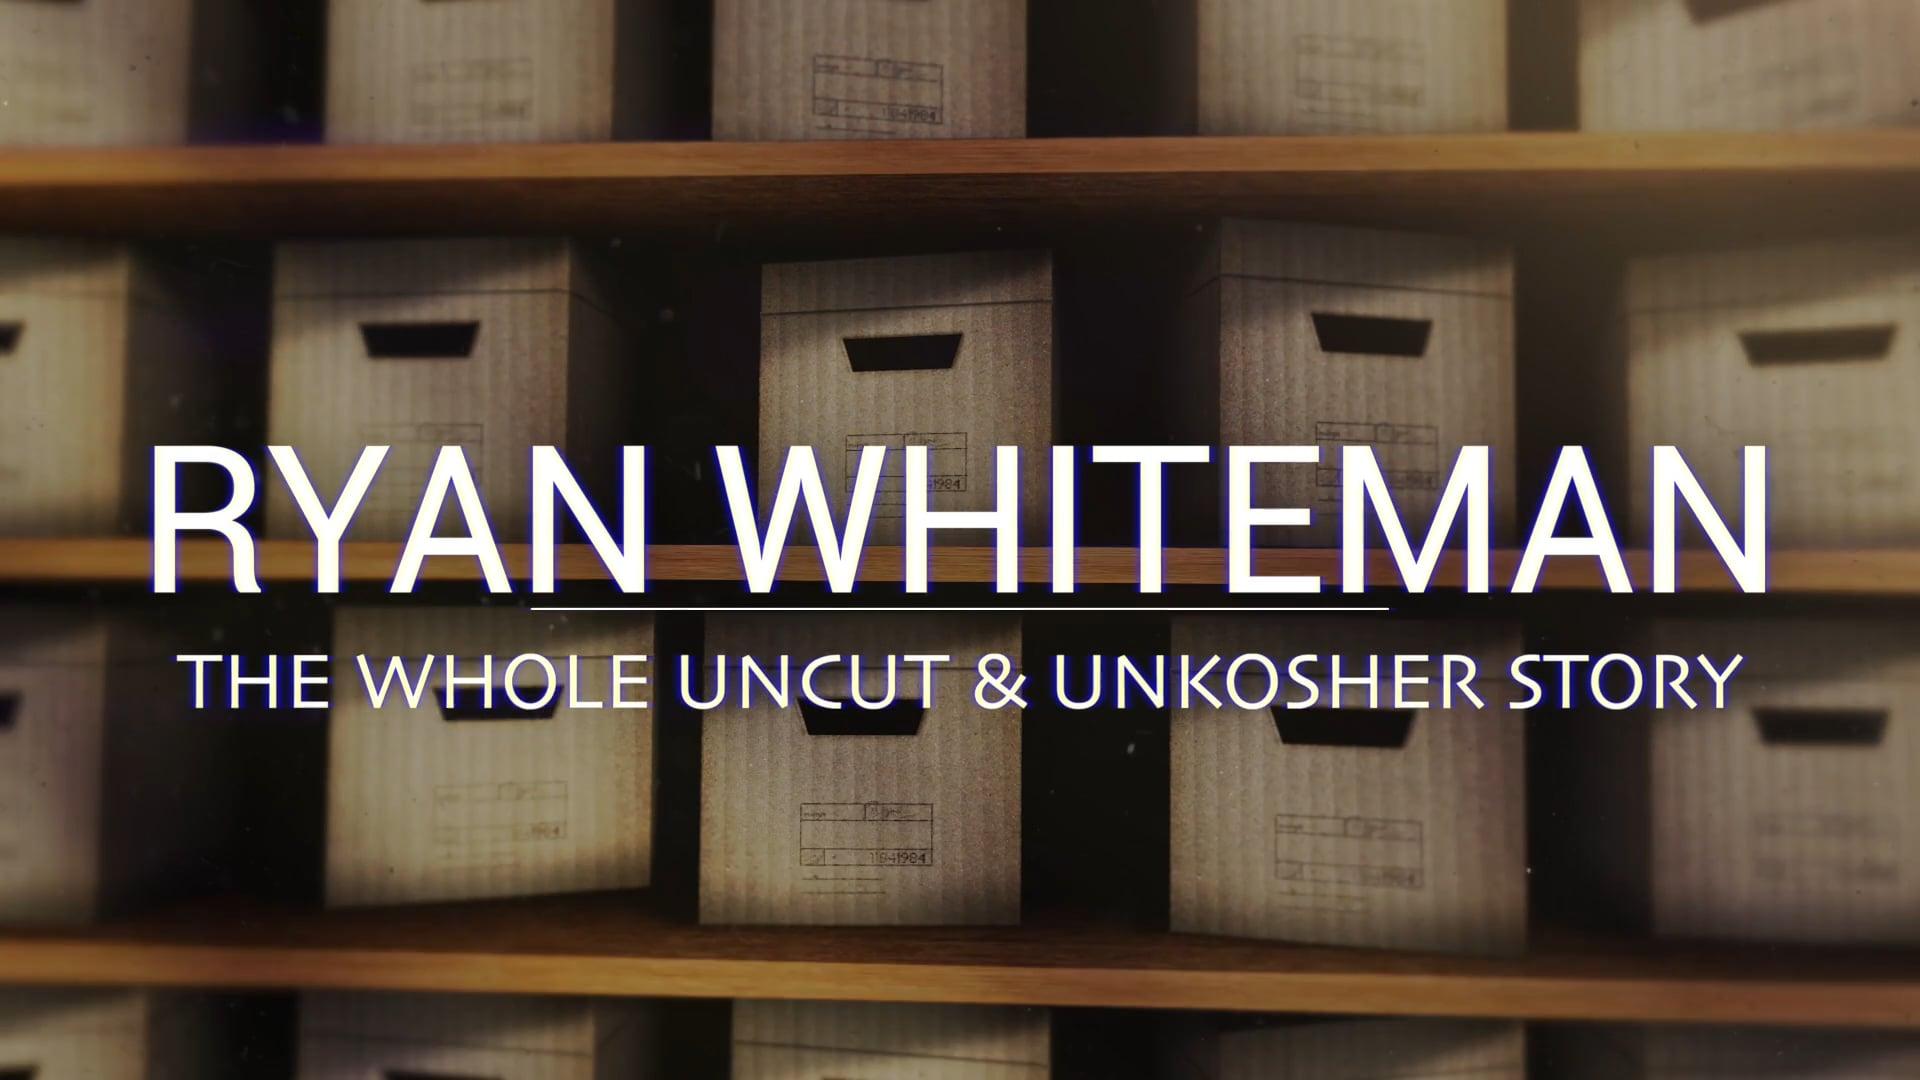 The Ryan Whiteman Story